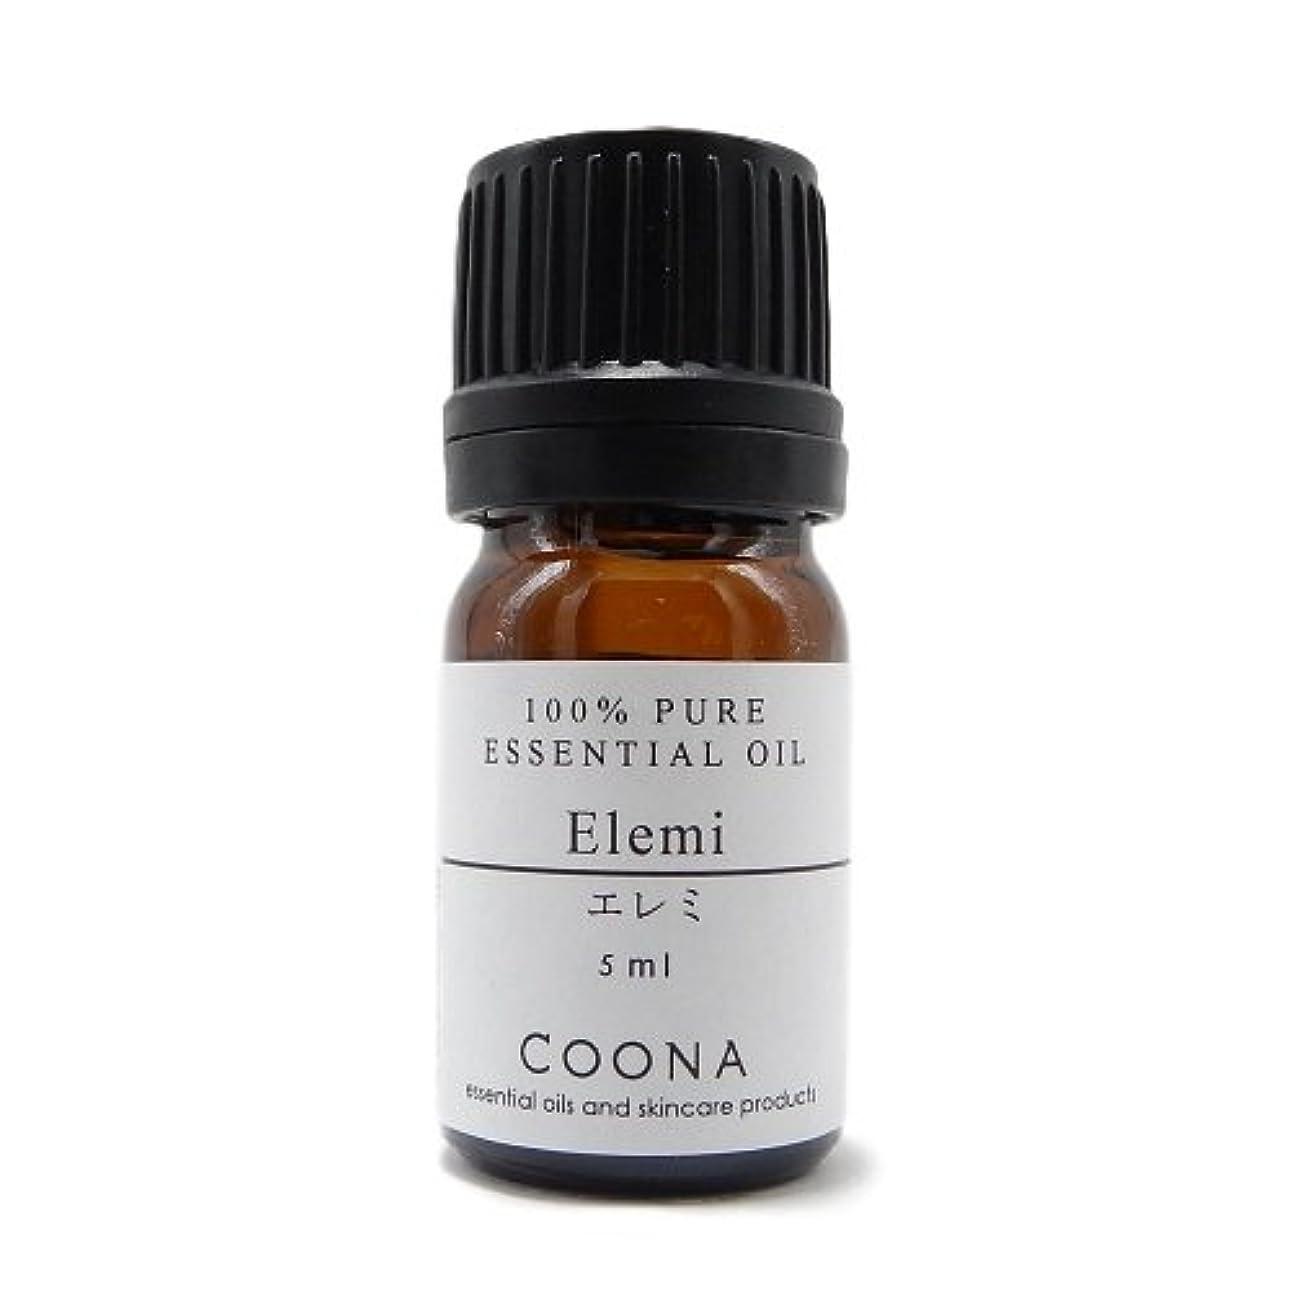 ビリーヤギその後二十エレミ 5 ml (COONA エッセンシャルオイル アロマオイル 100%天然植物精油)